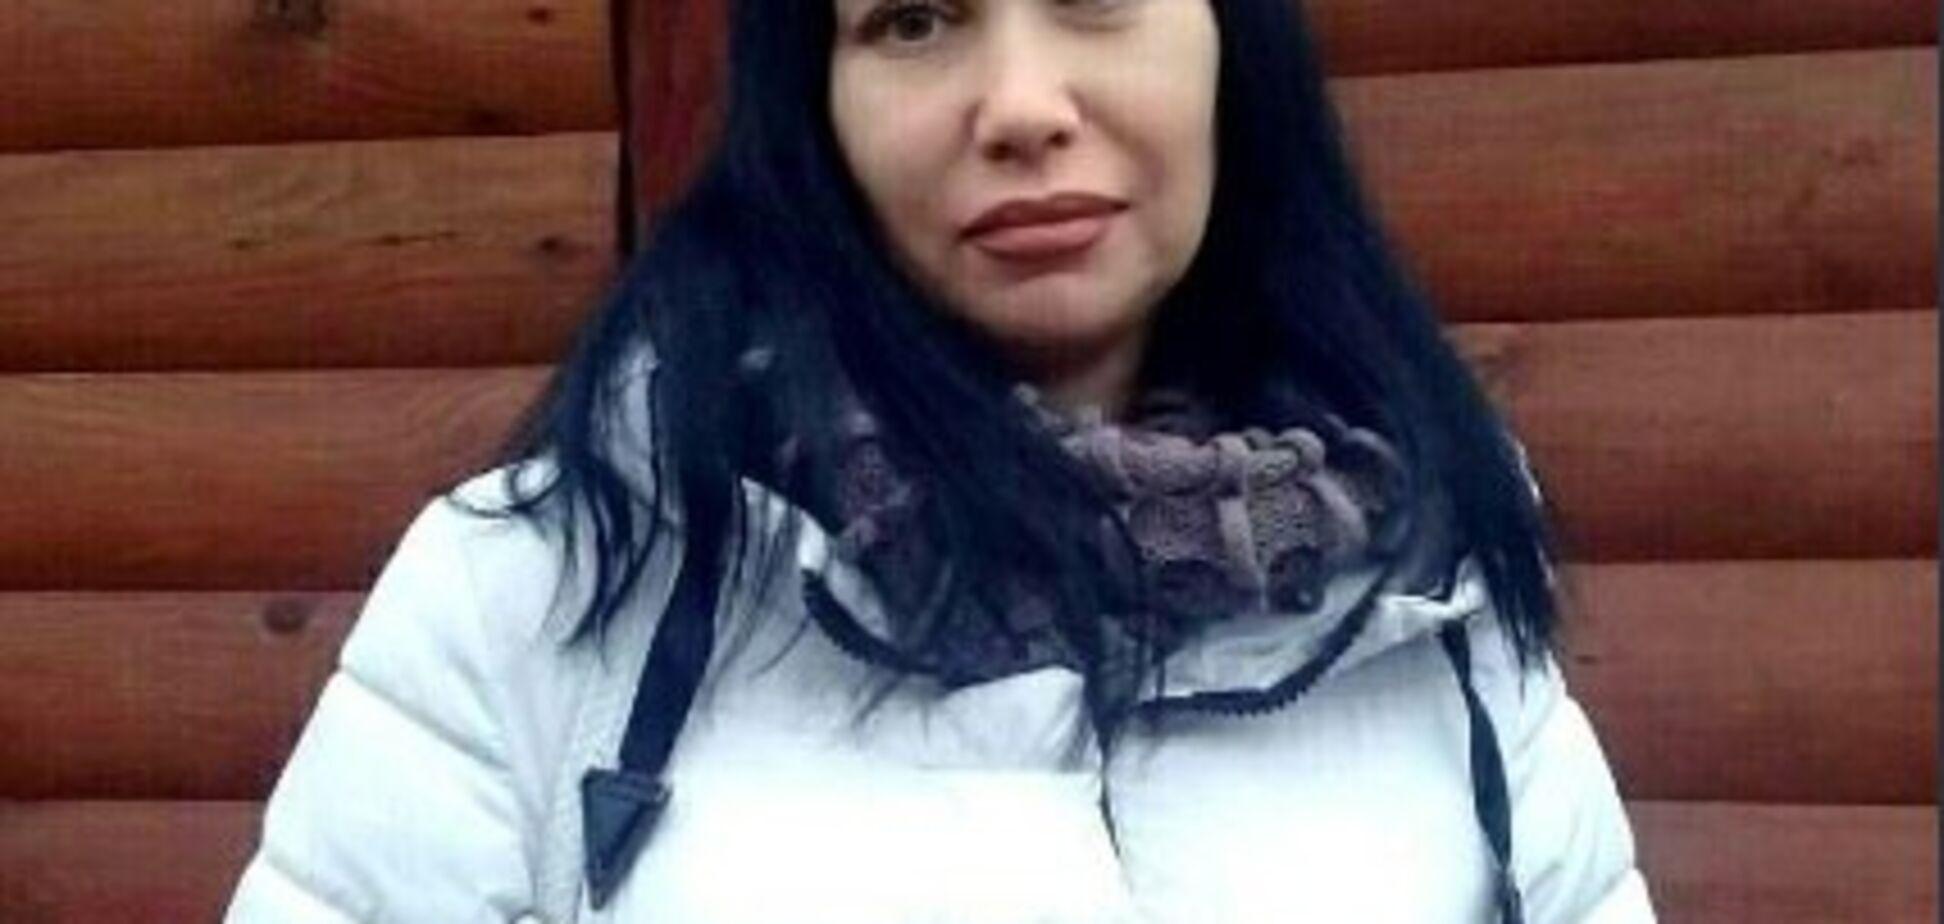 'Похоже на тело Вики': подруга мамы изнасилованной 'ДНРовцами' девочки забила тревогу